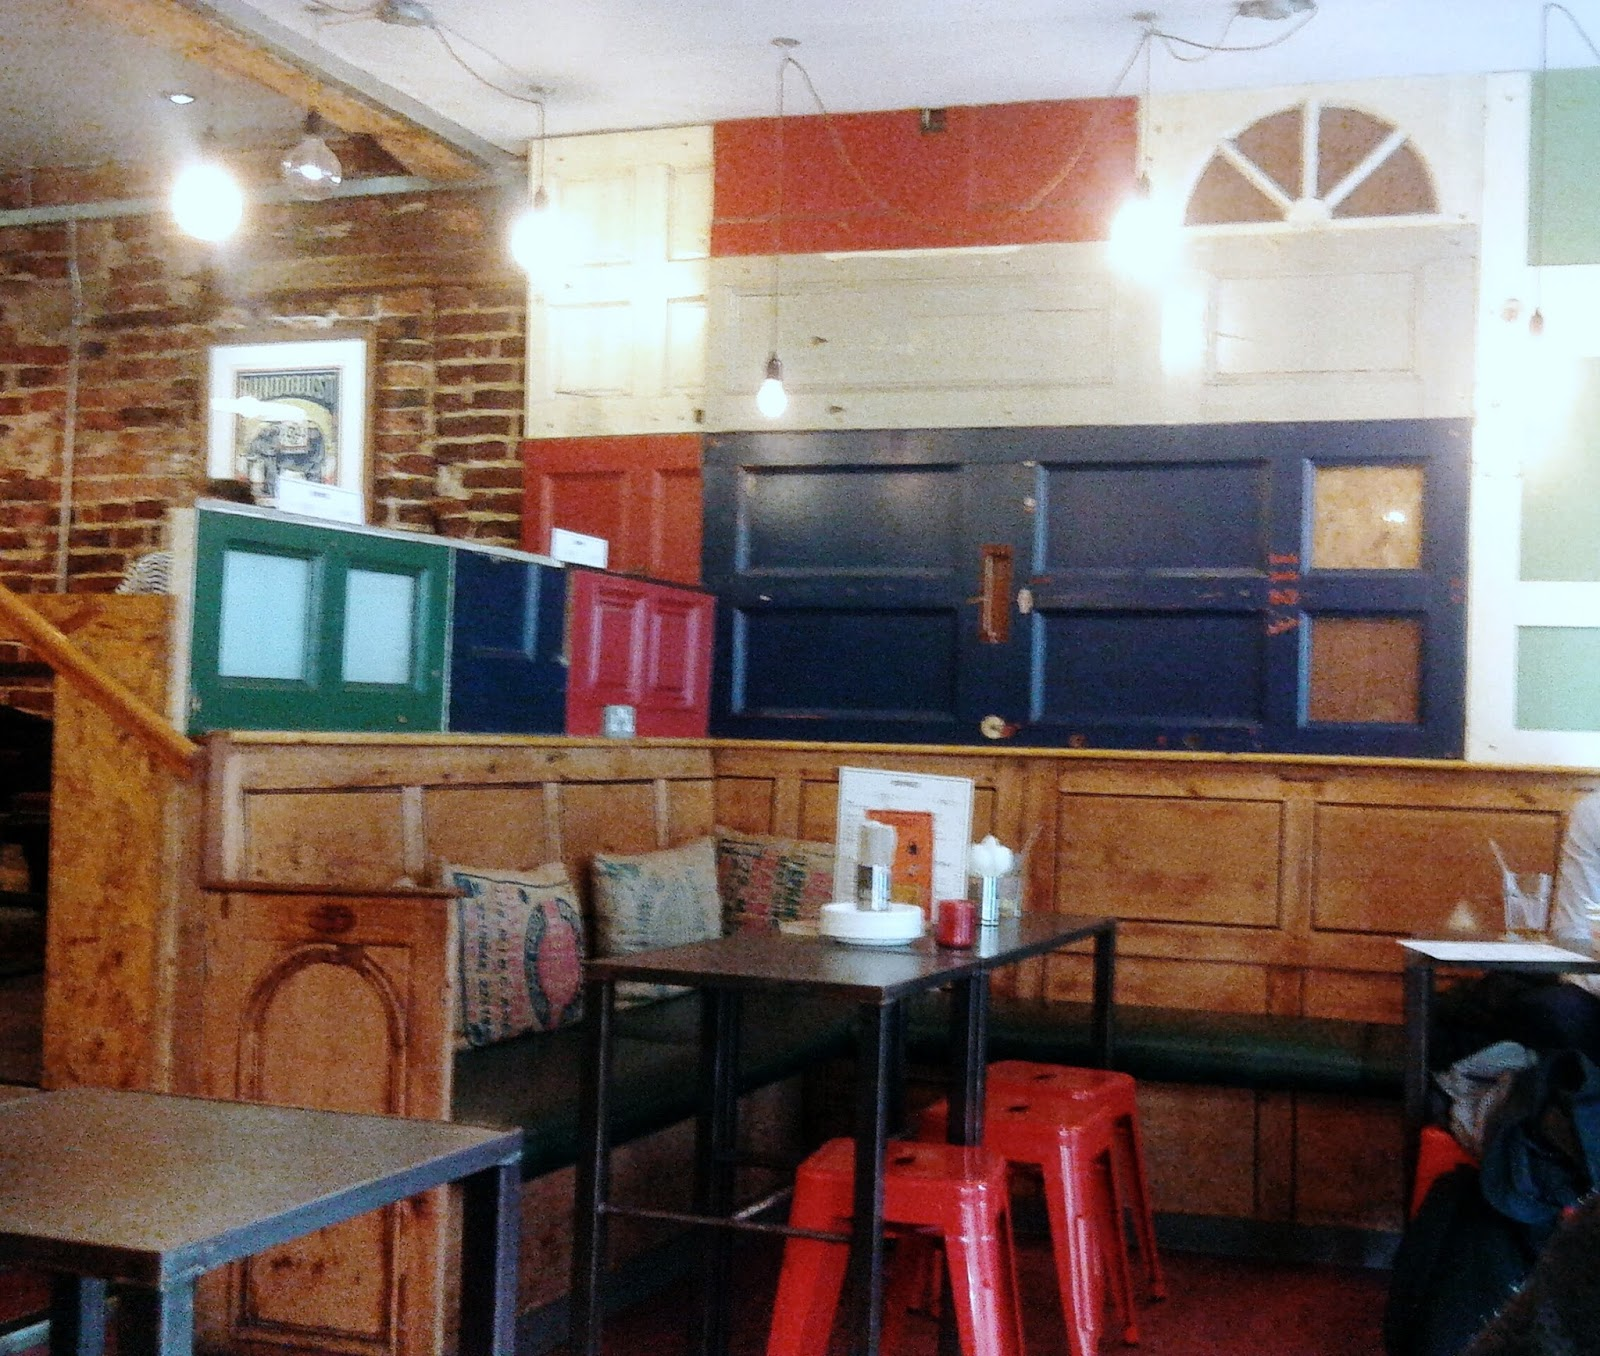 Leeds Craft Beer Shop